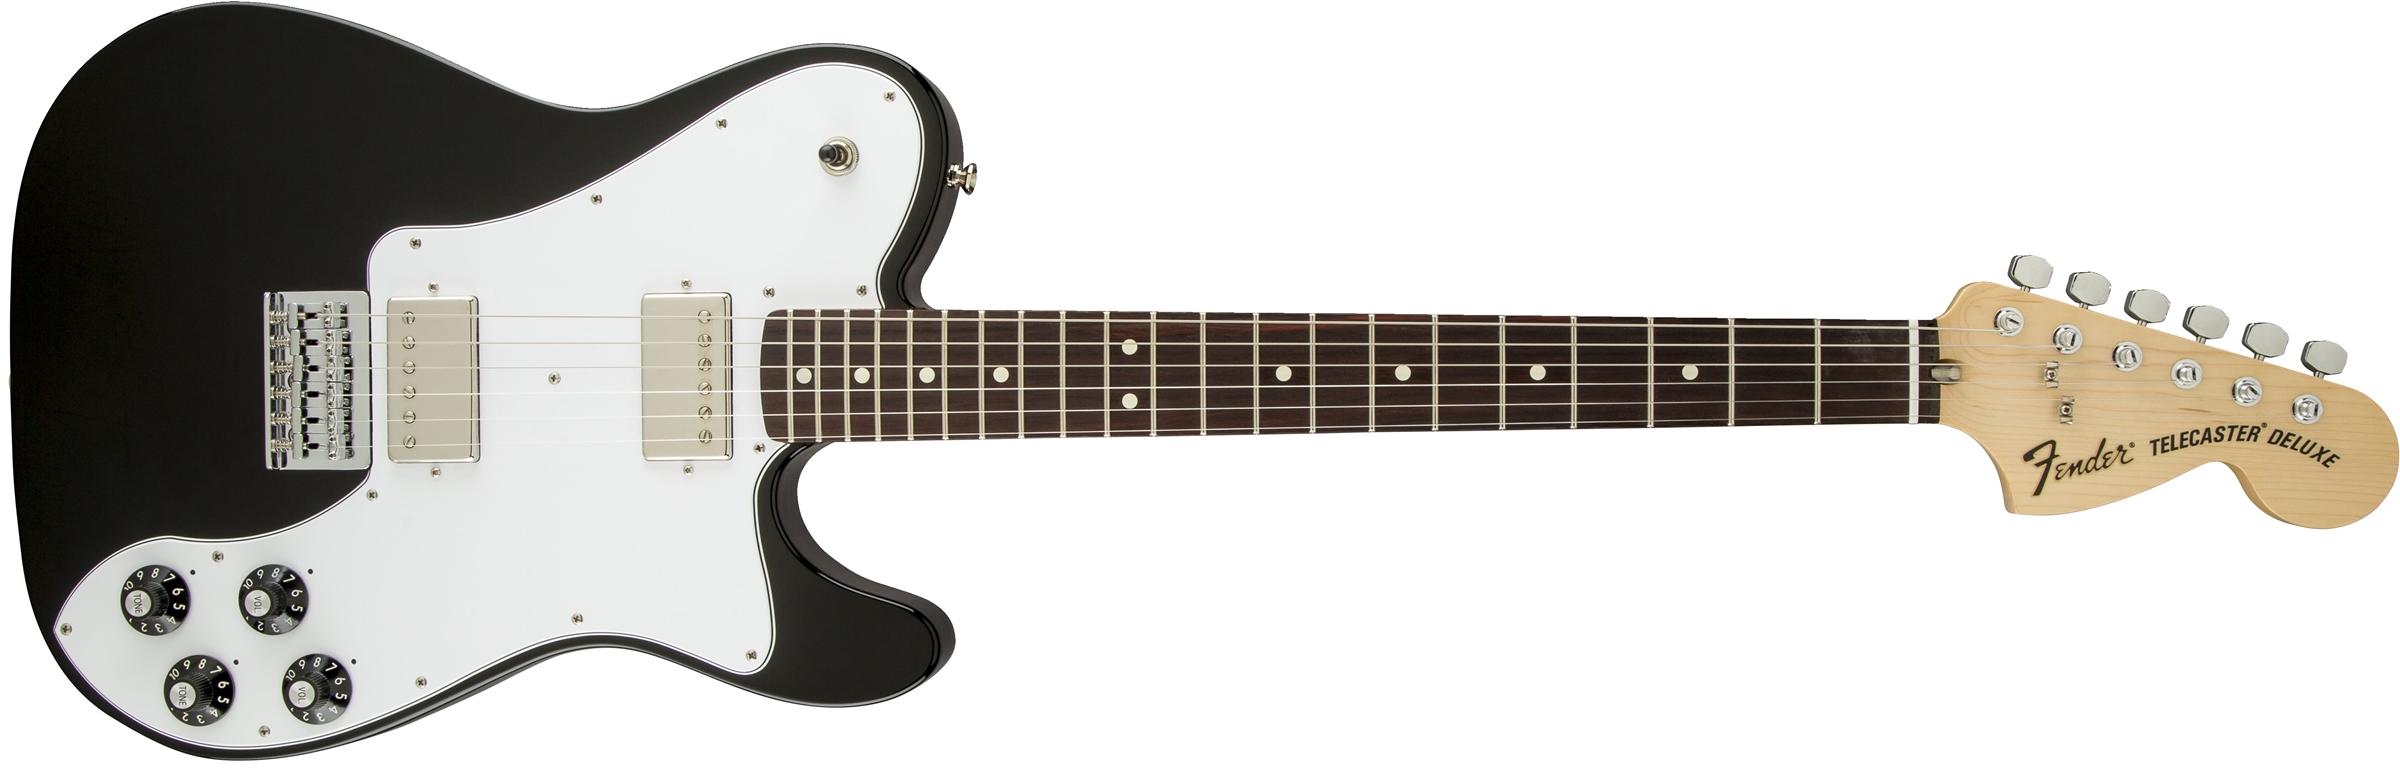 Fender Telecaster Deluxe Black 72